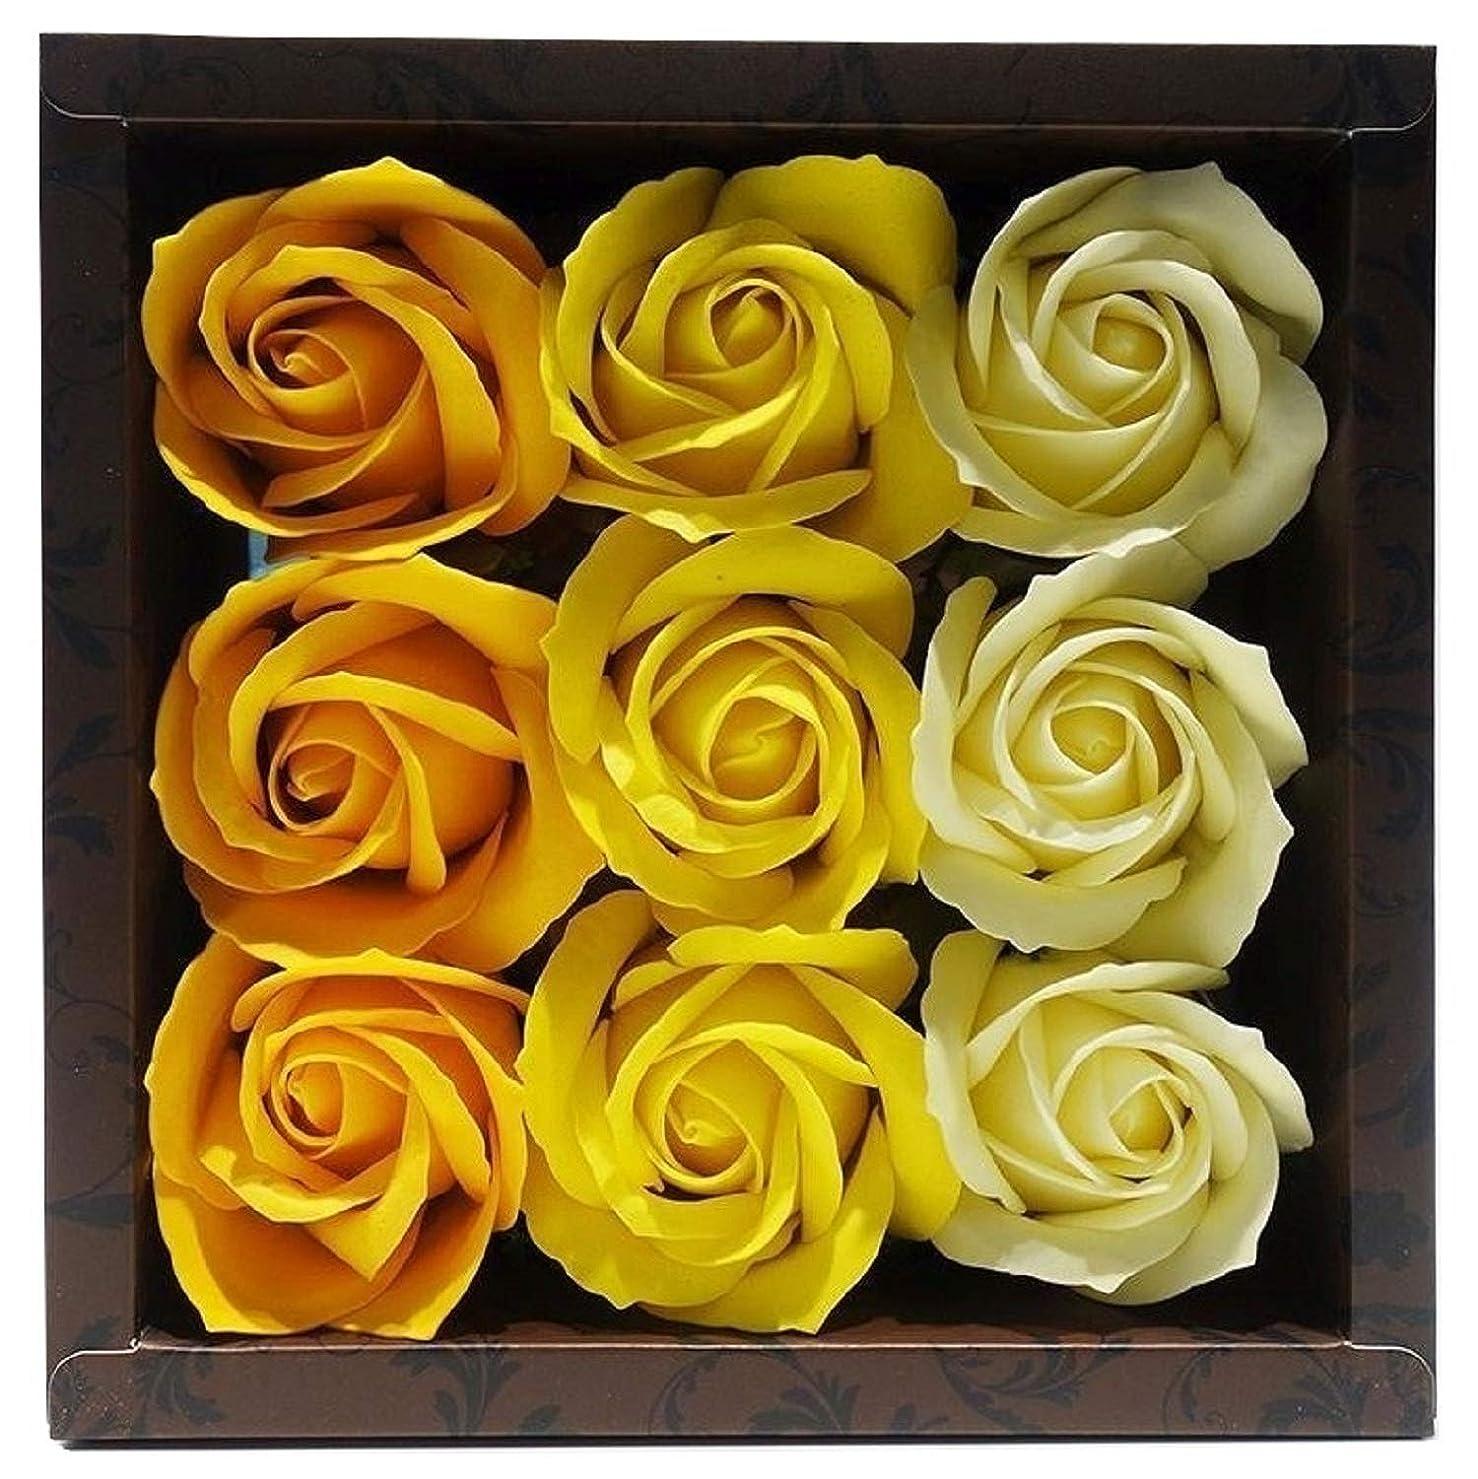 良性自体急襲バスフレグランス バスフラワー ローズフレグランス イエローカラー ギフト お花の形の入浴剤